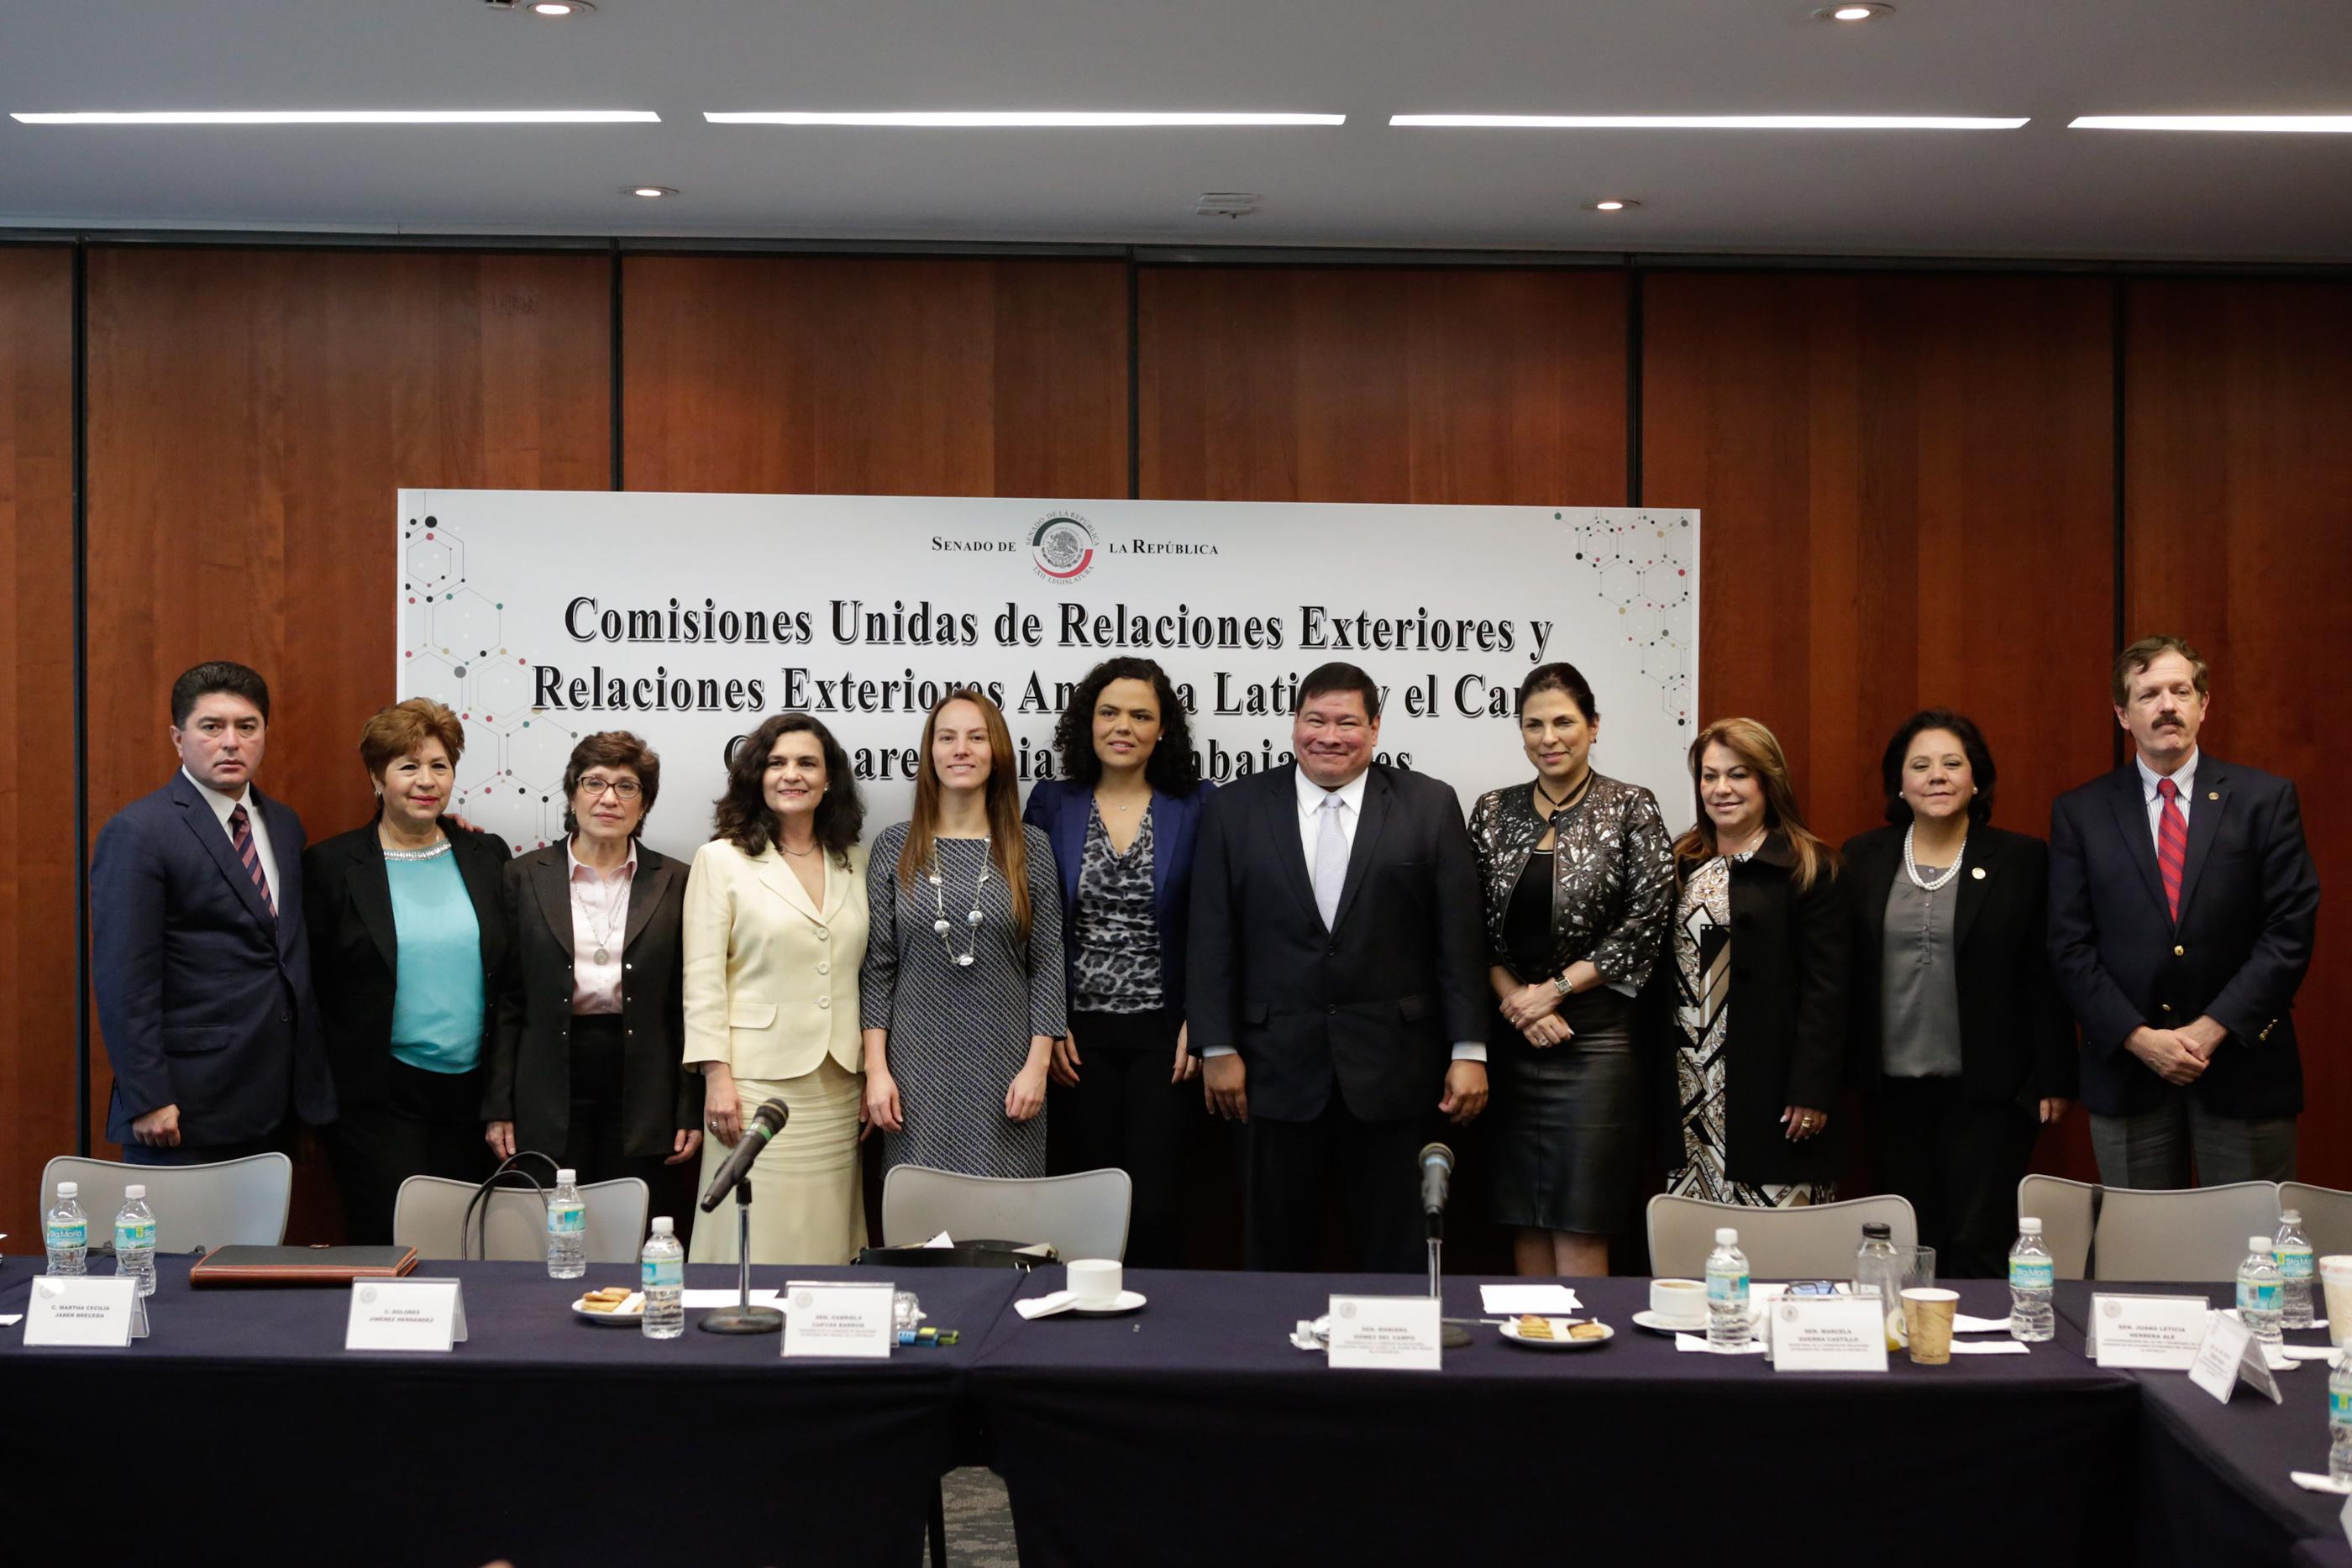 Comisiones unidas de relaciones exteriores y de relaciones exteriores am rica latina y el caribe for Relaciones exteriores honduras